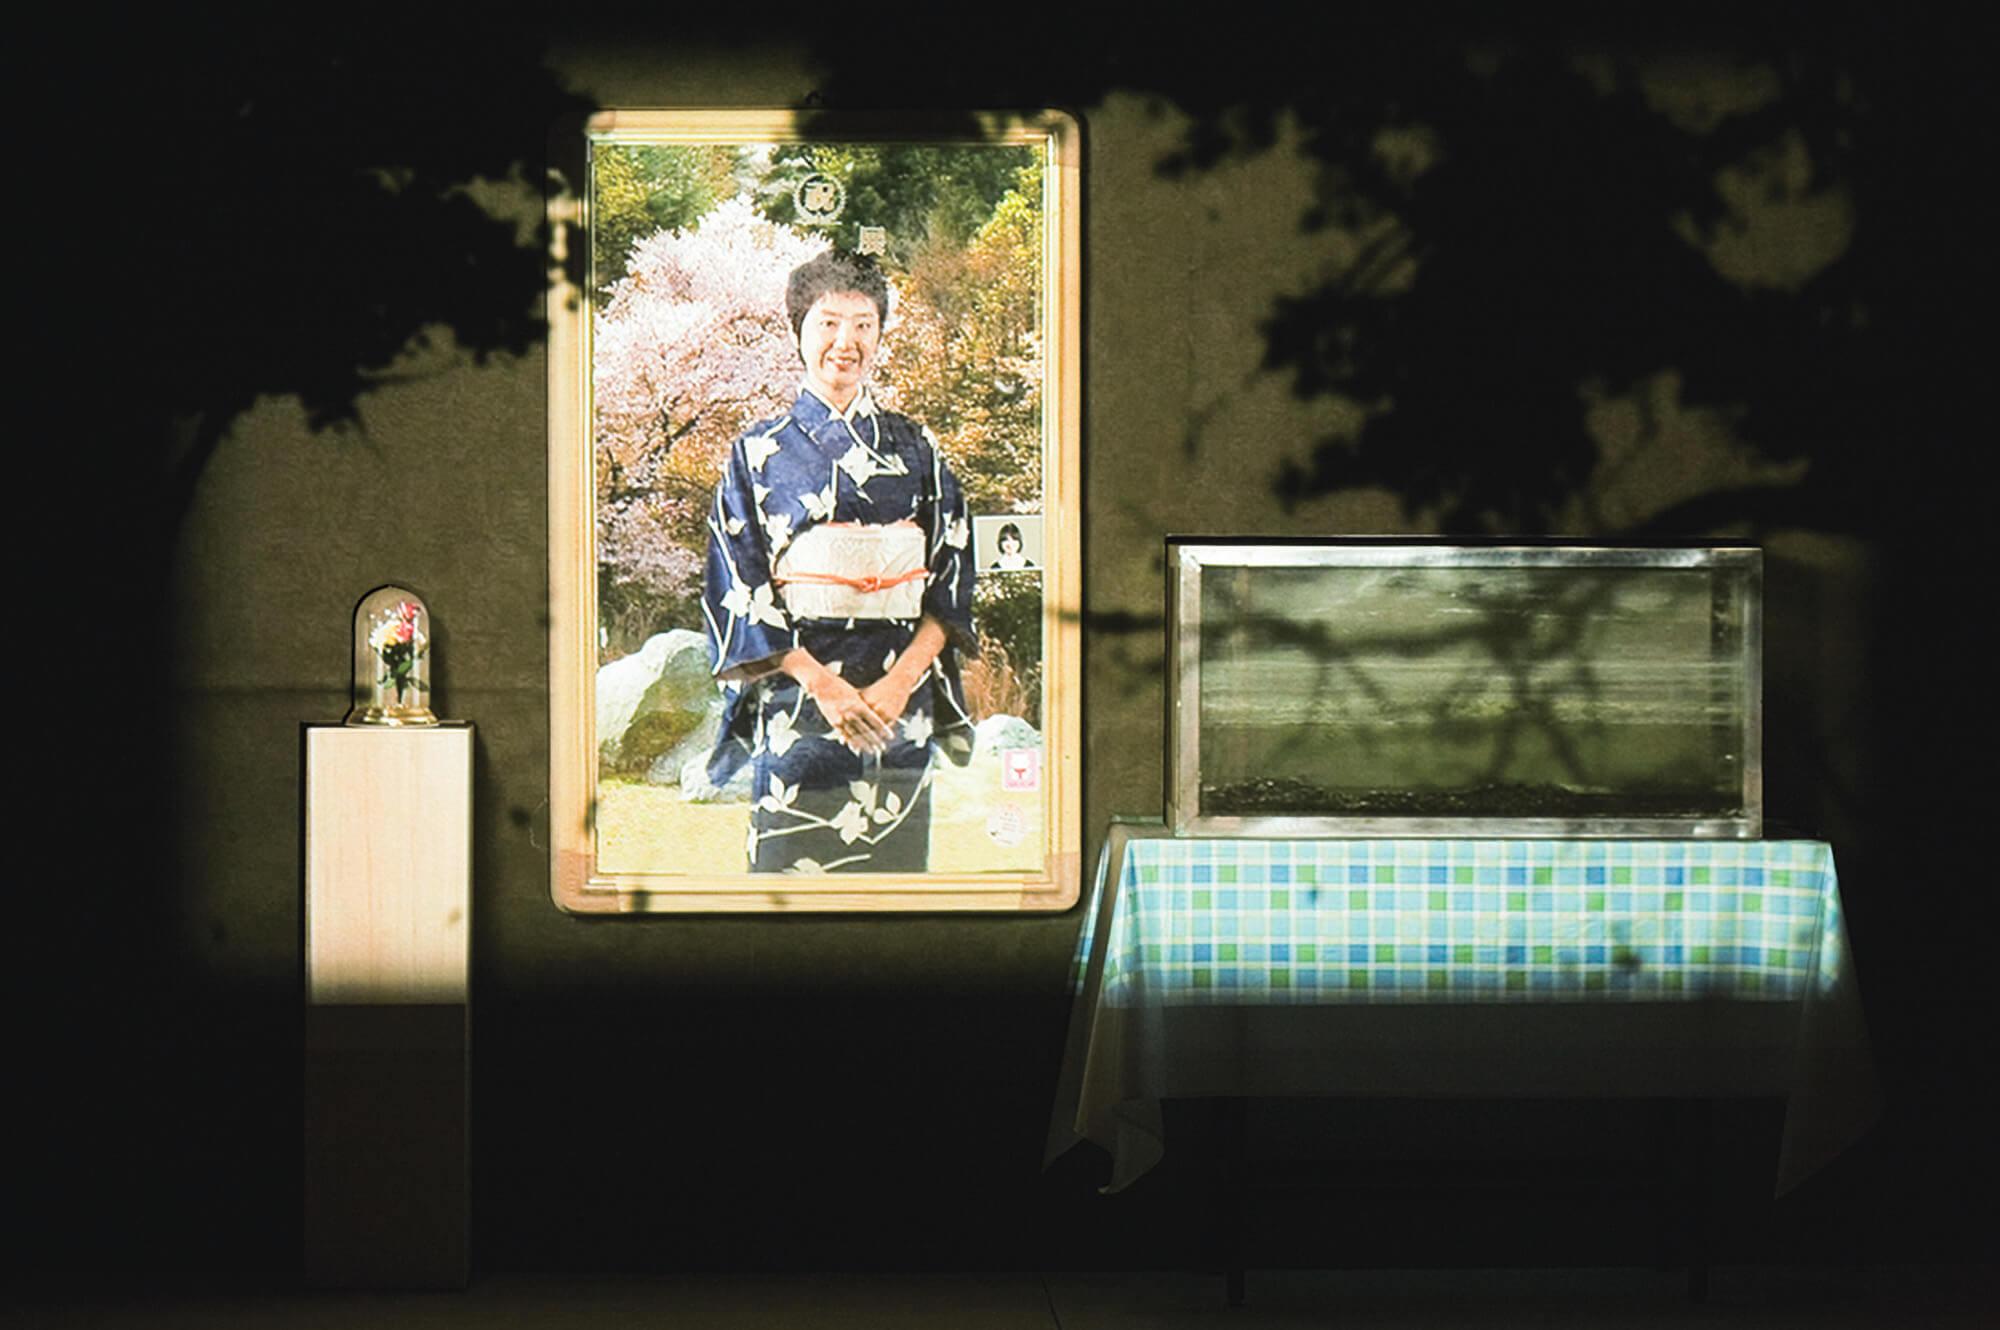 キム・チャンギョム memory in the mirror 現代美術 Contemporary Art